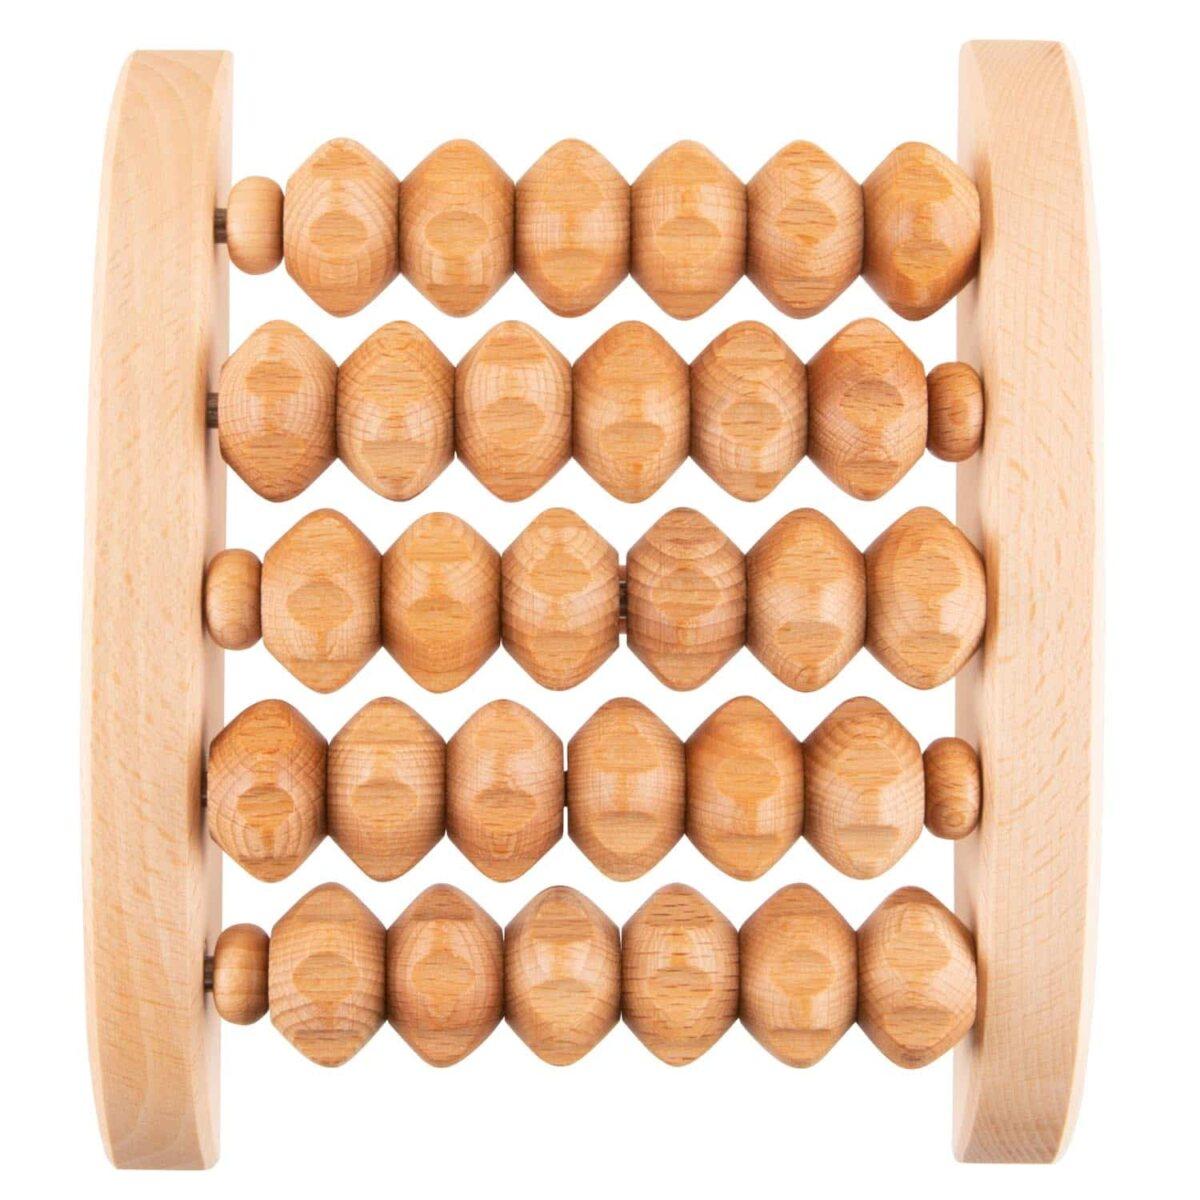 houten voetreflexmassagetoestel